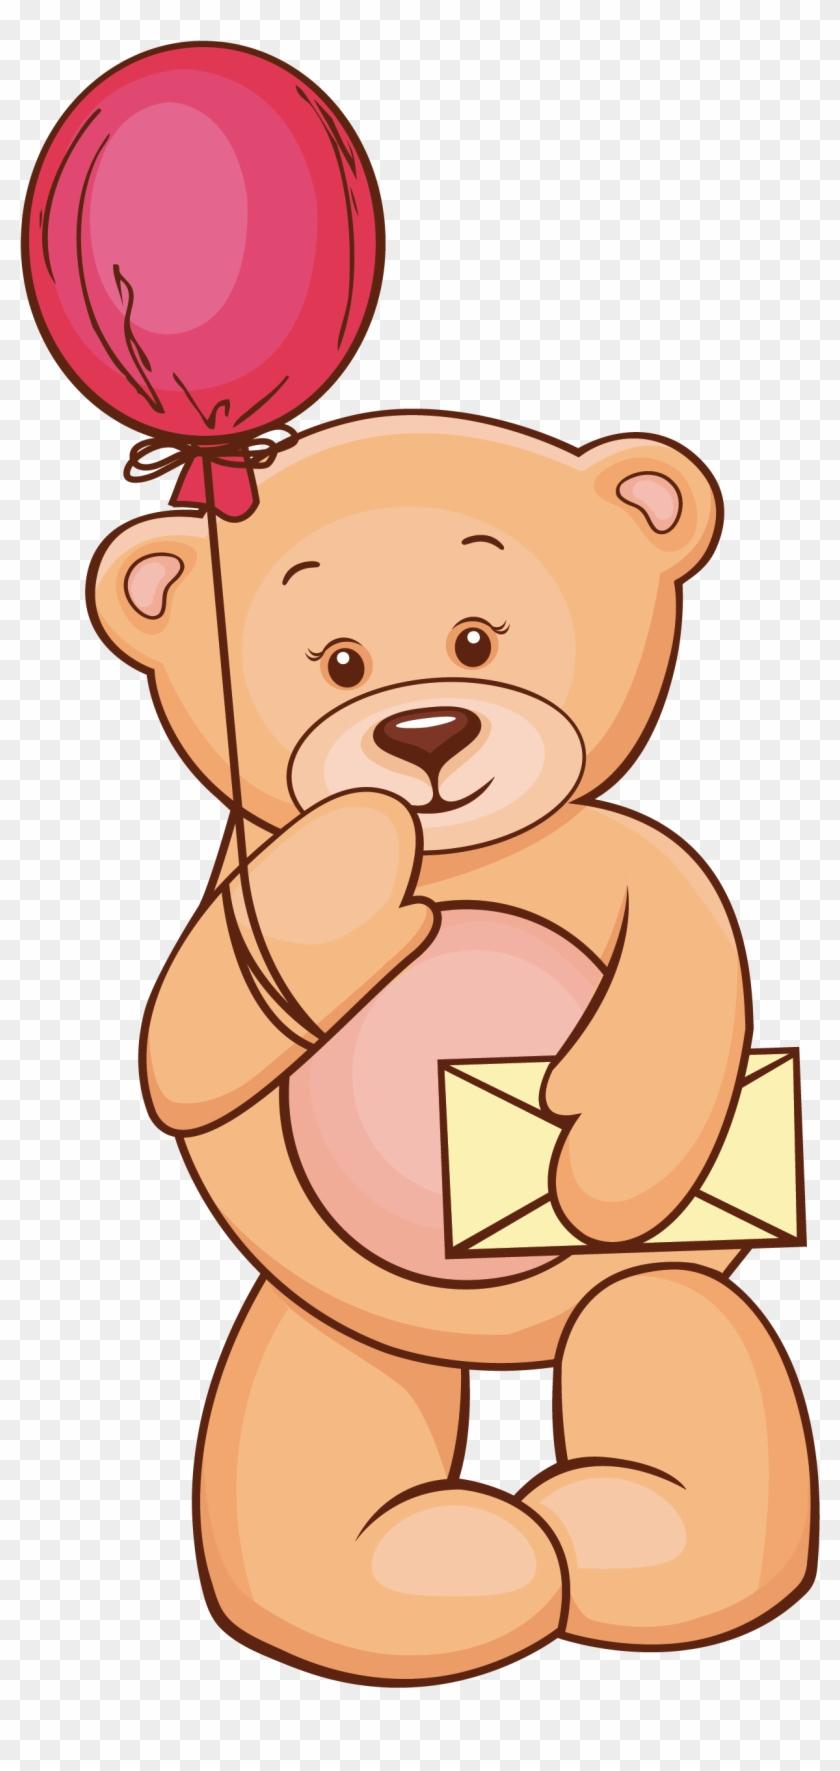 Teddy Bear And Balloon Vector Free #59160